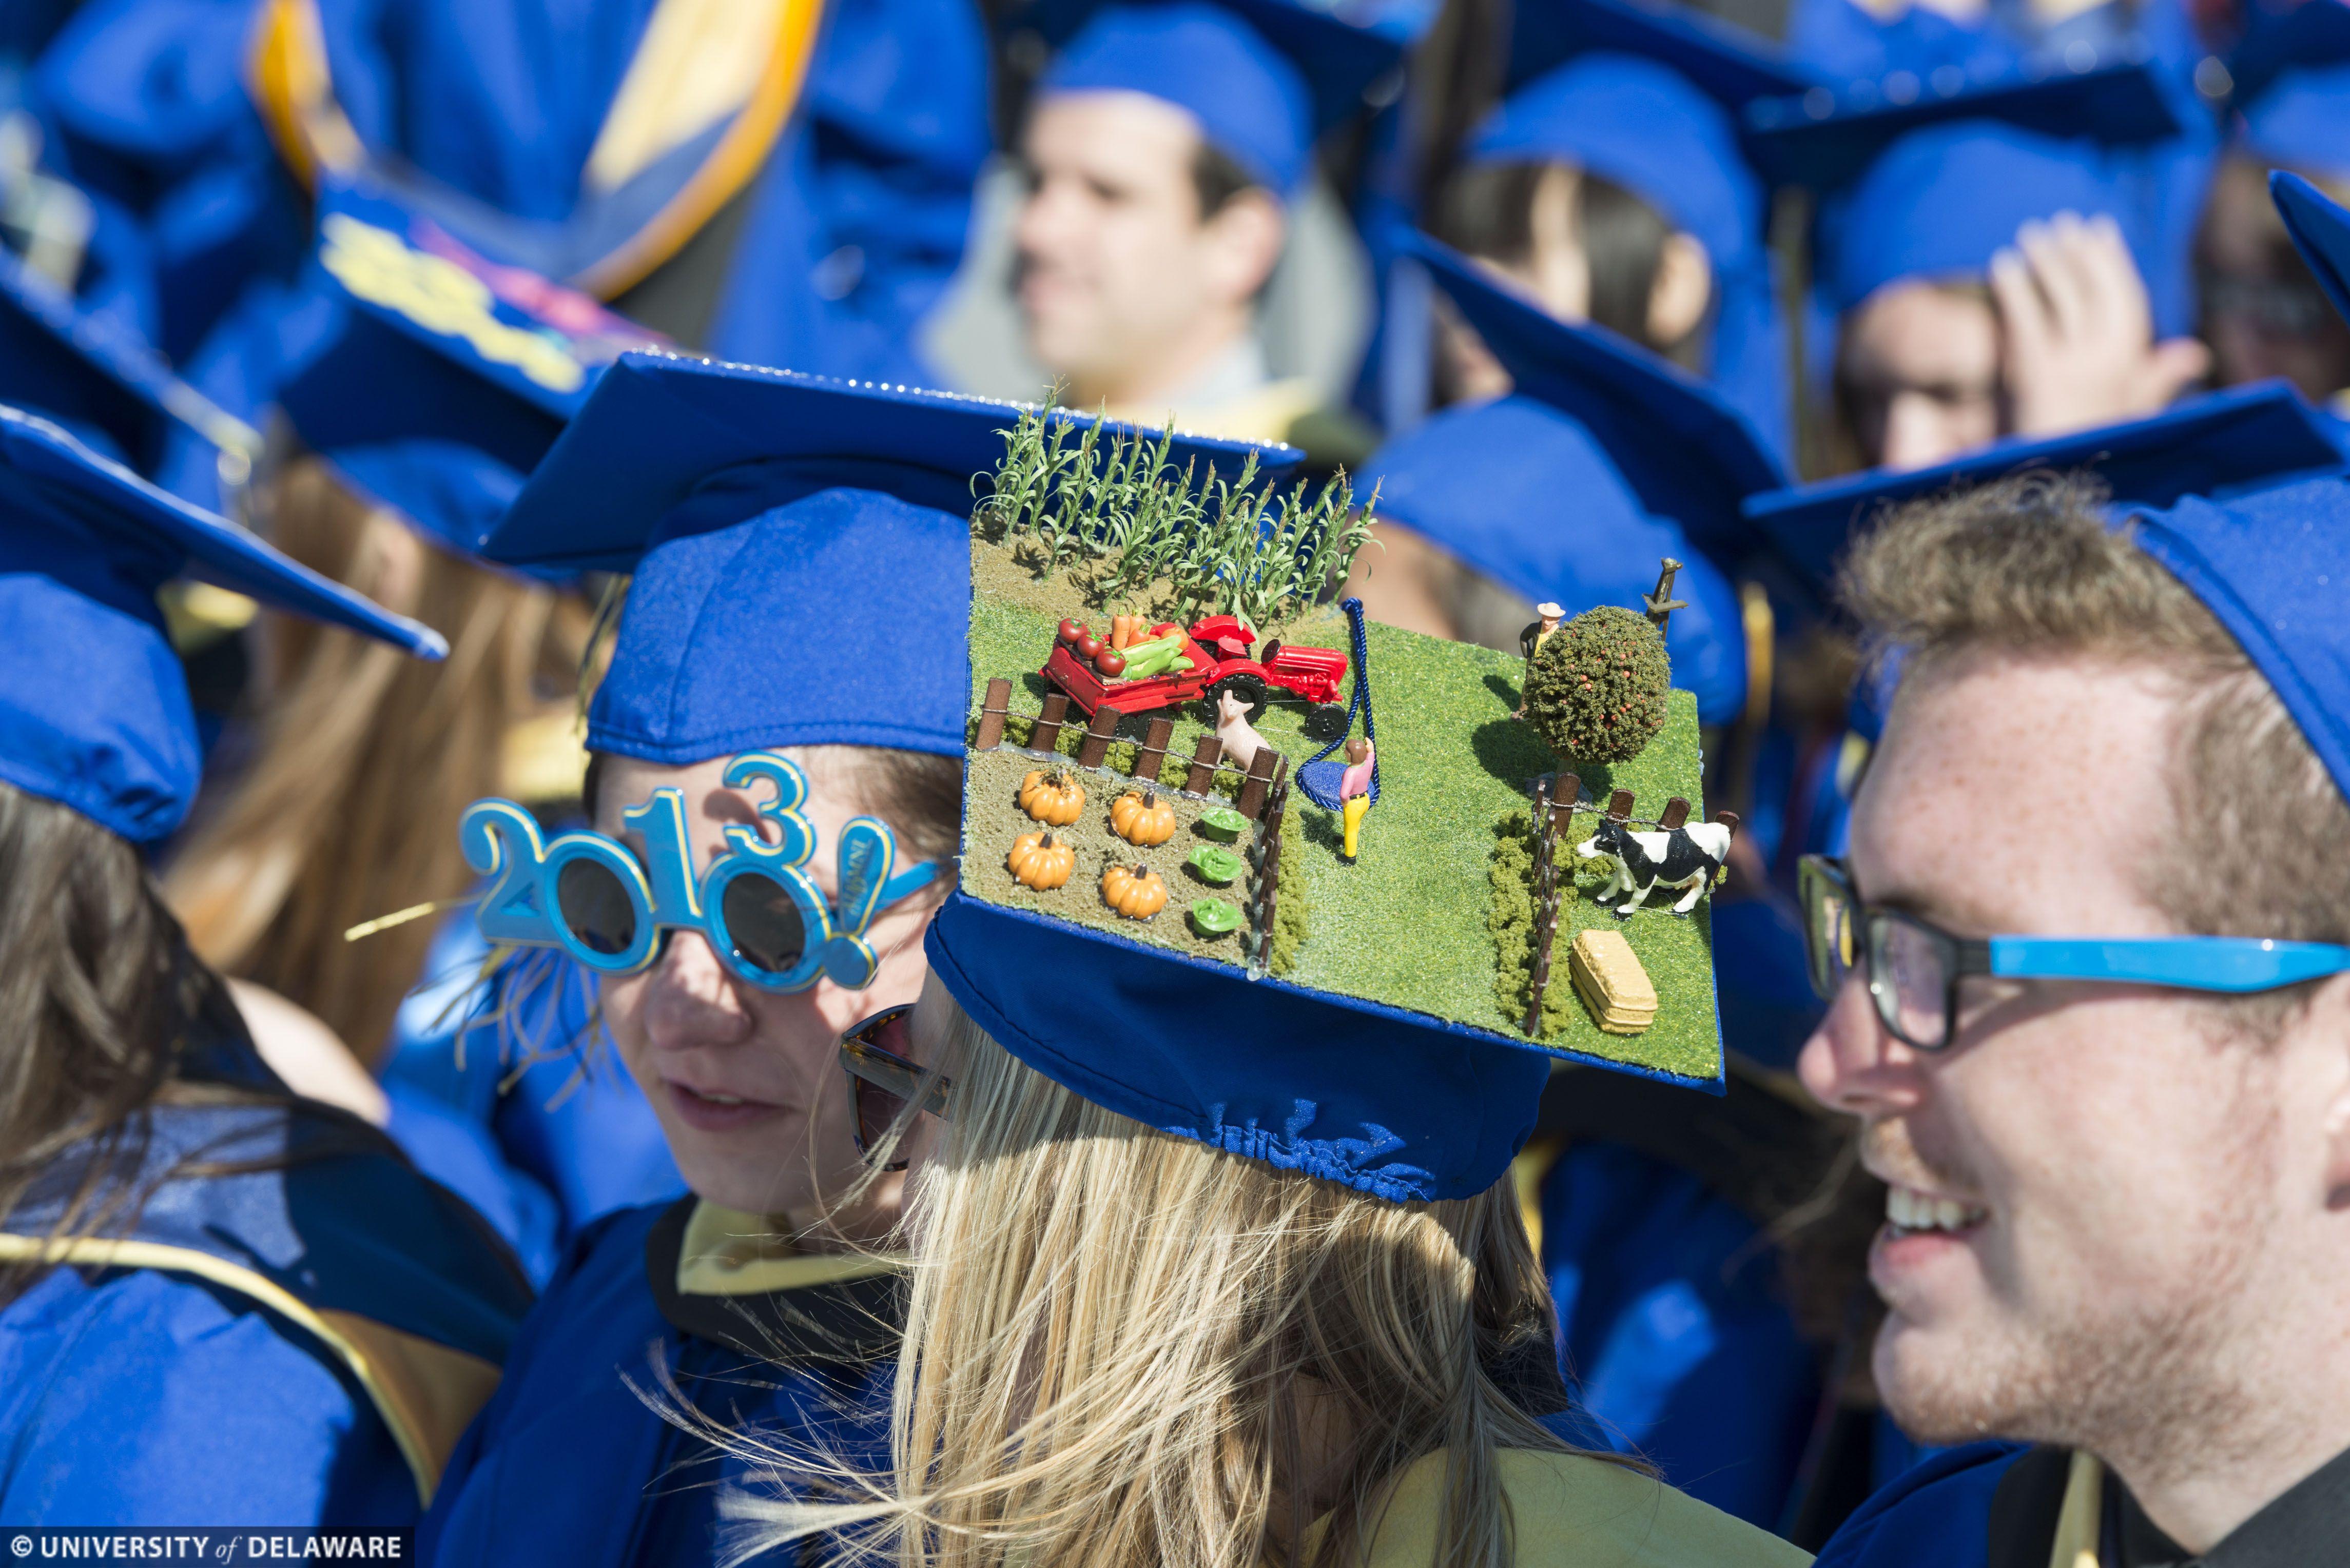 Csusm Graduation 2020.Catch A Wisp Of Farmville In This Grad Cap Design